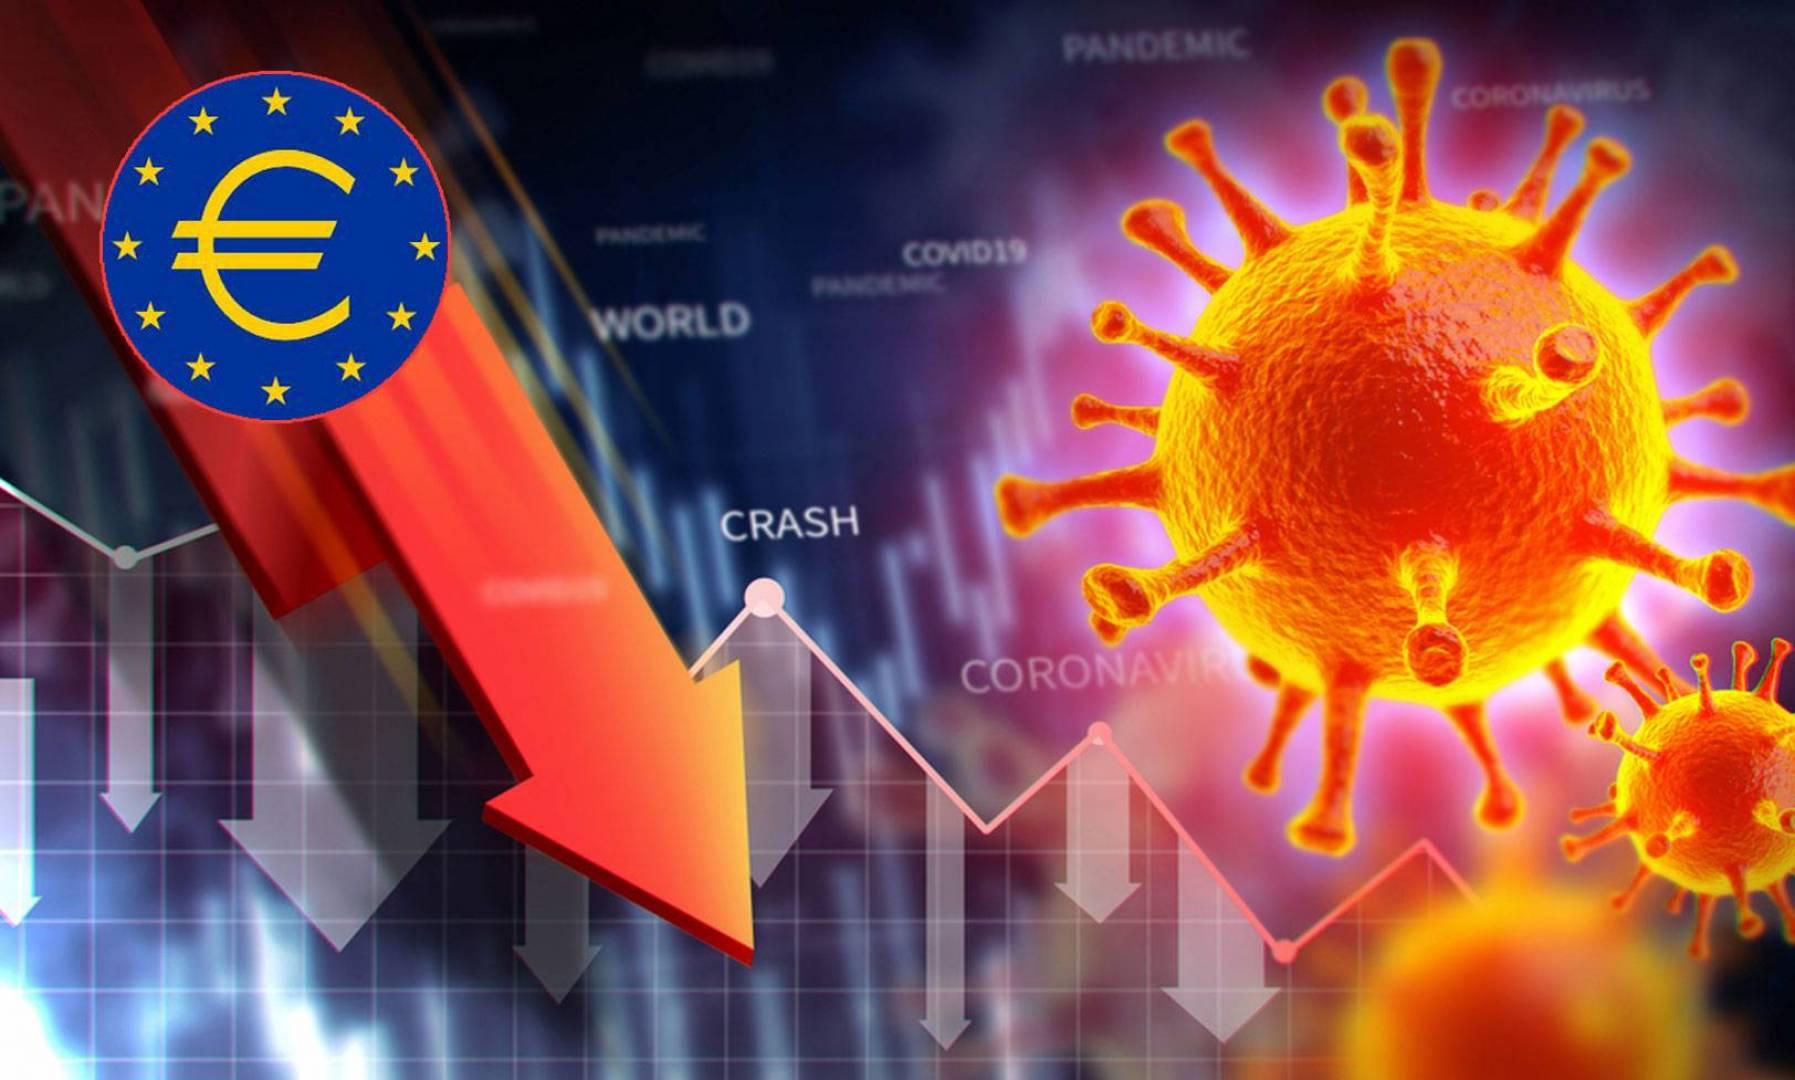 المركزي الأوروبي: الإجراءات الصارمة لوقف «كورونا» تضيف خسائر للاقتصادات المحلية